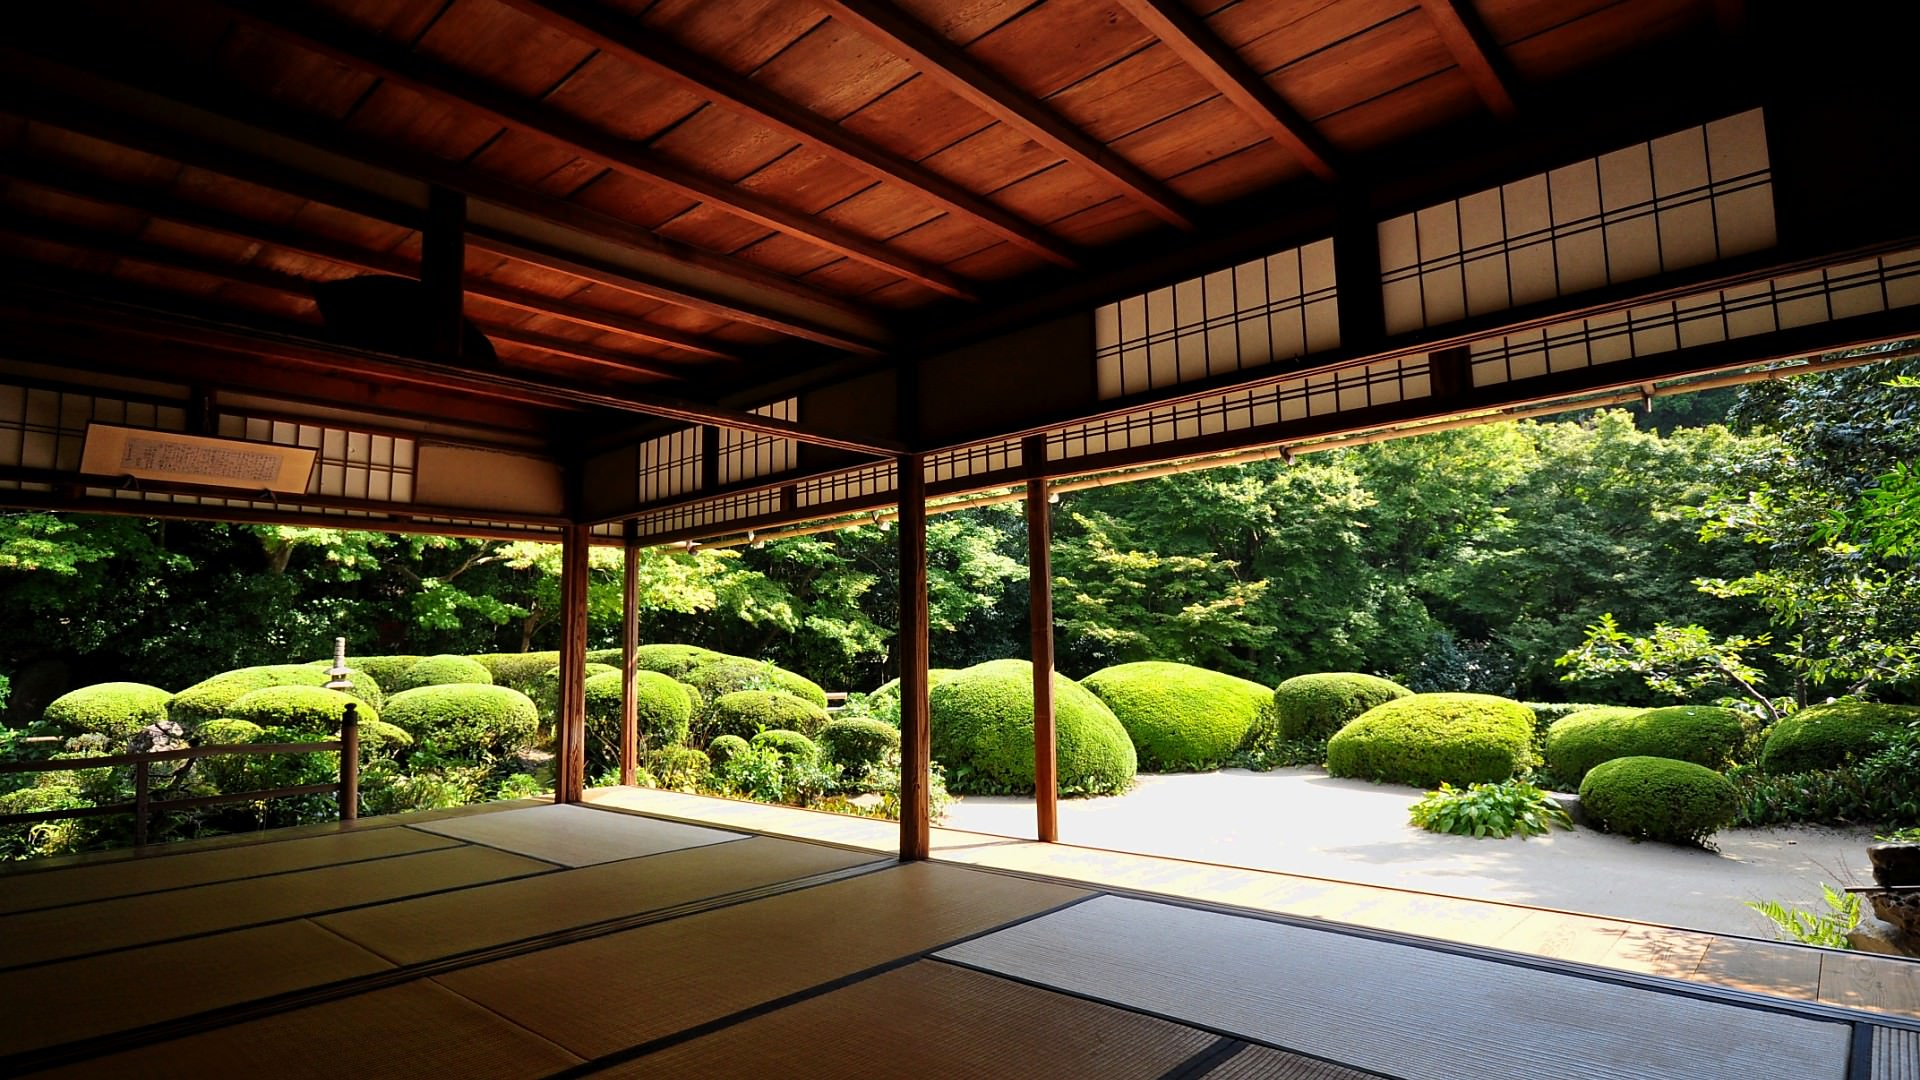 1920 1080 美しい京都の壁紙 フルhd Naver まとめ